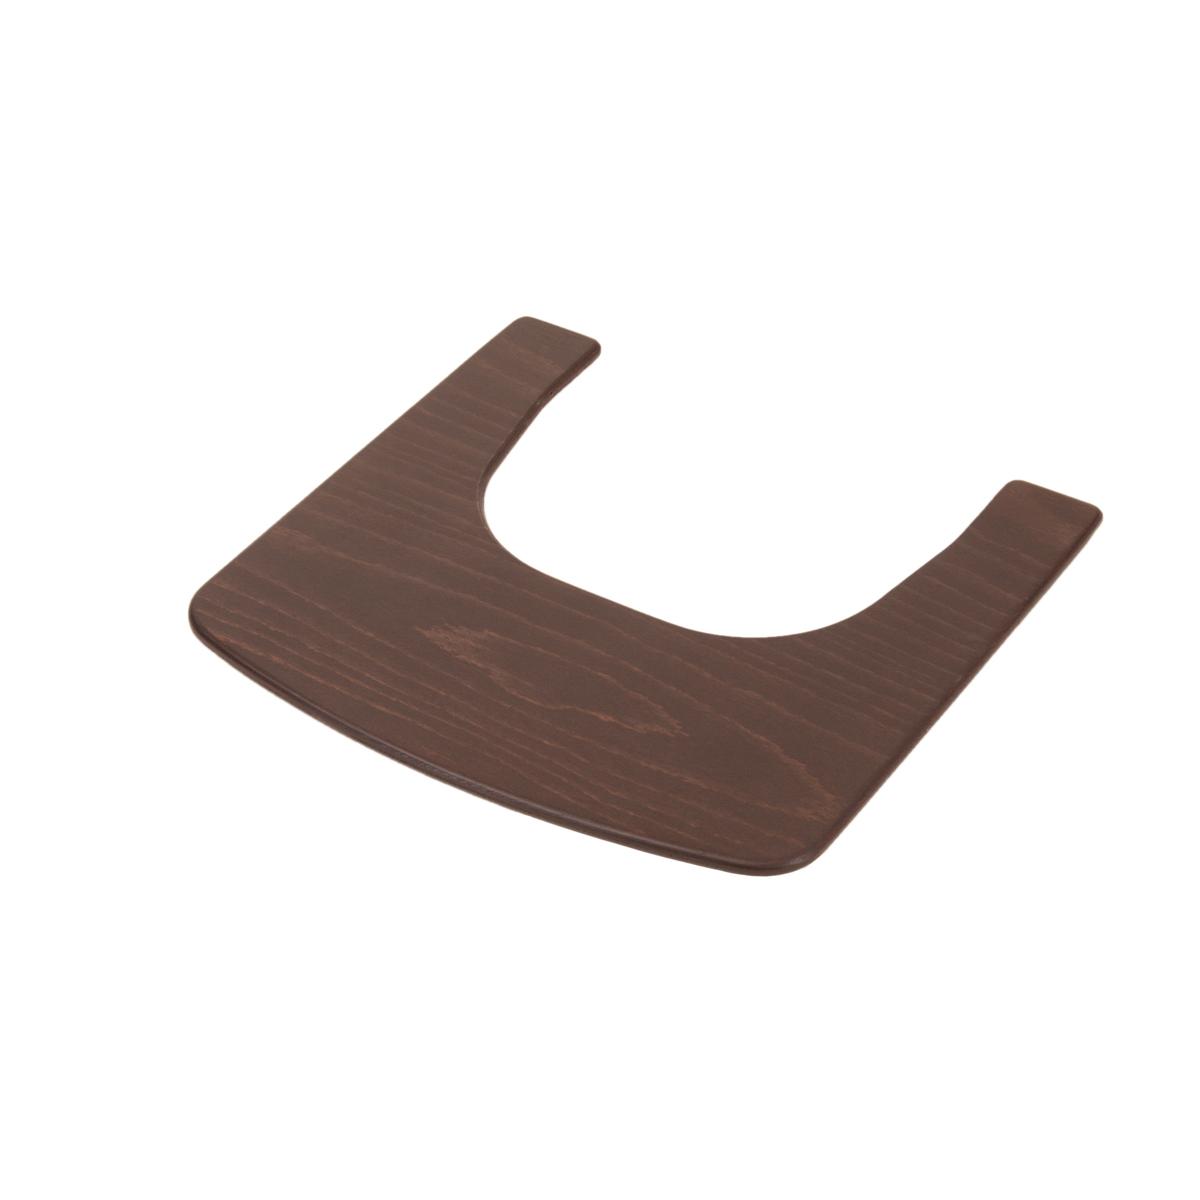 Chaise haute Tablette pour Chaise Haute Syt - Wengé Tablette pour Chaise Haute Syt - Wengé